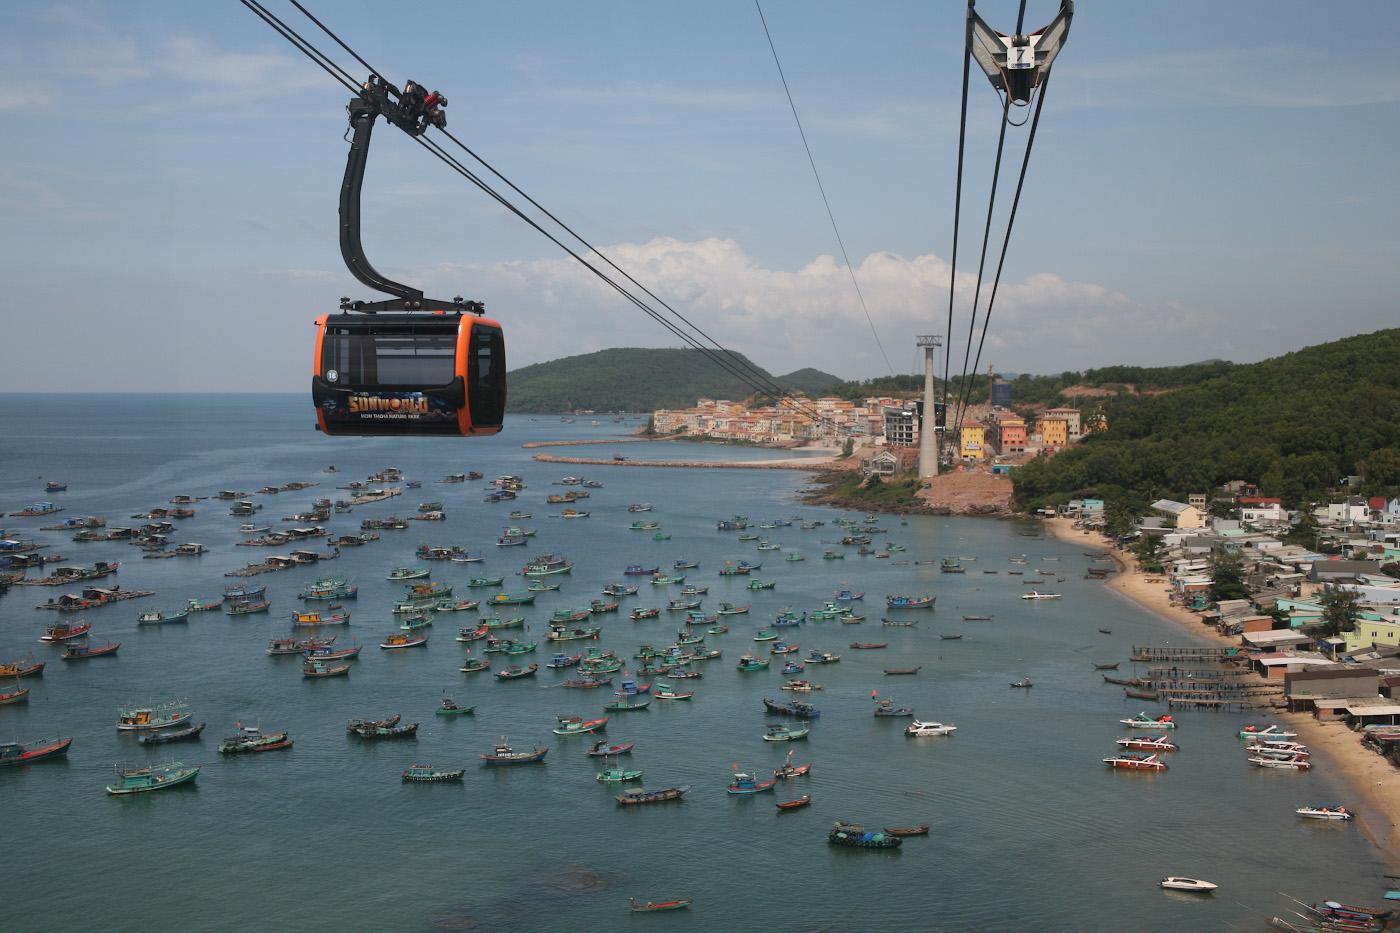 25. Вид из кабинки канатной дороги Phu Quoc Cable Car, соединяющей острова Фукуок и Тхом.1/500, 8.0, 400, 80.